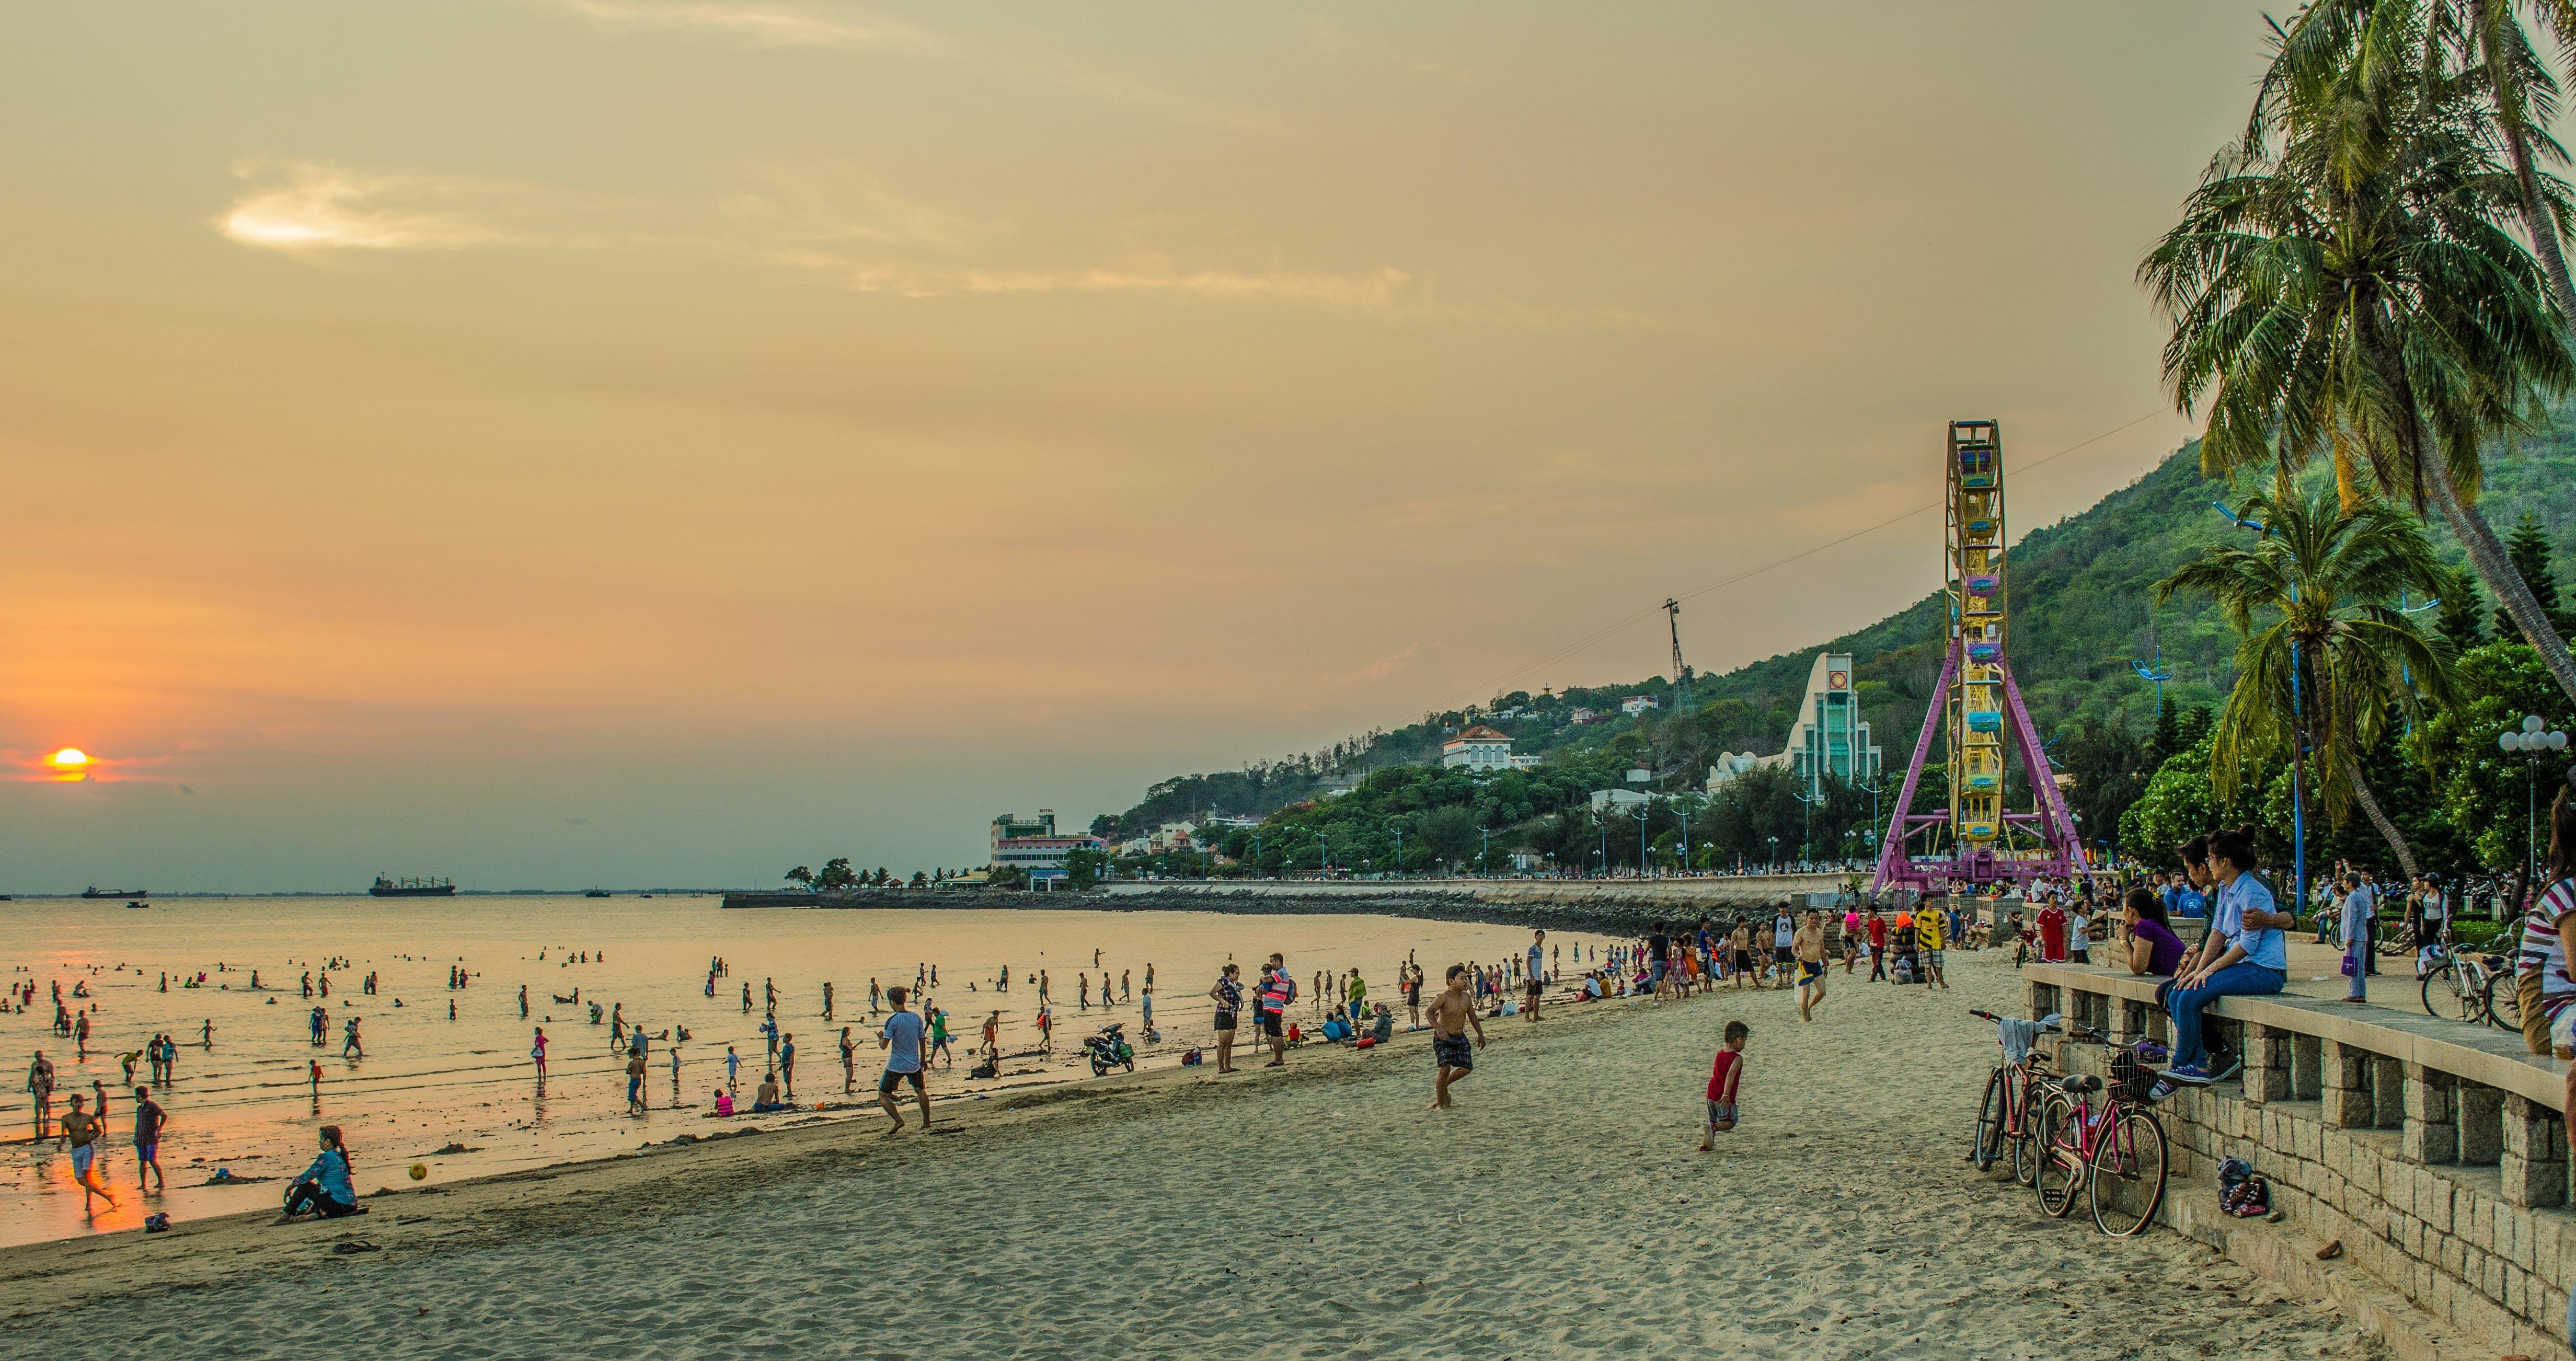 Fotos de stock gratuitas de arena, ciudad, costero, descansar